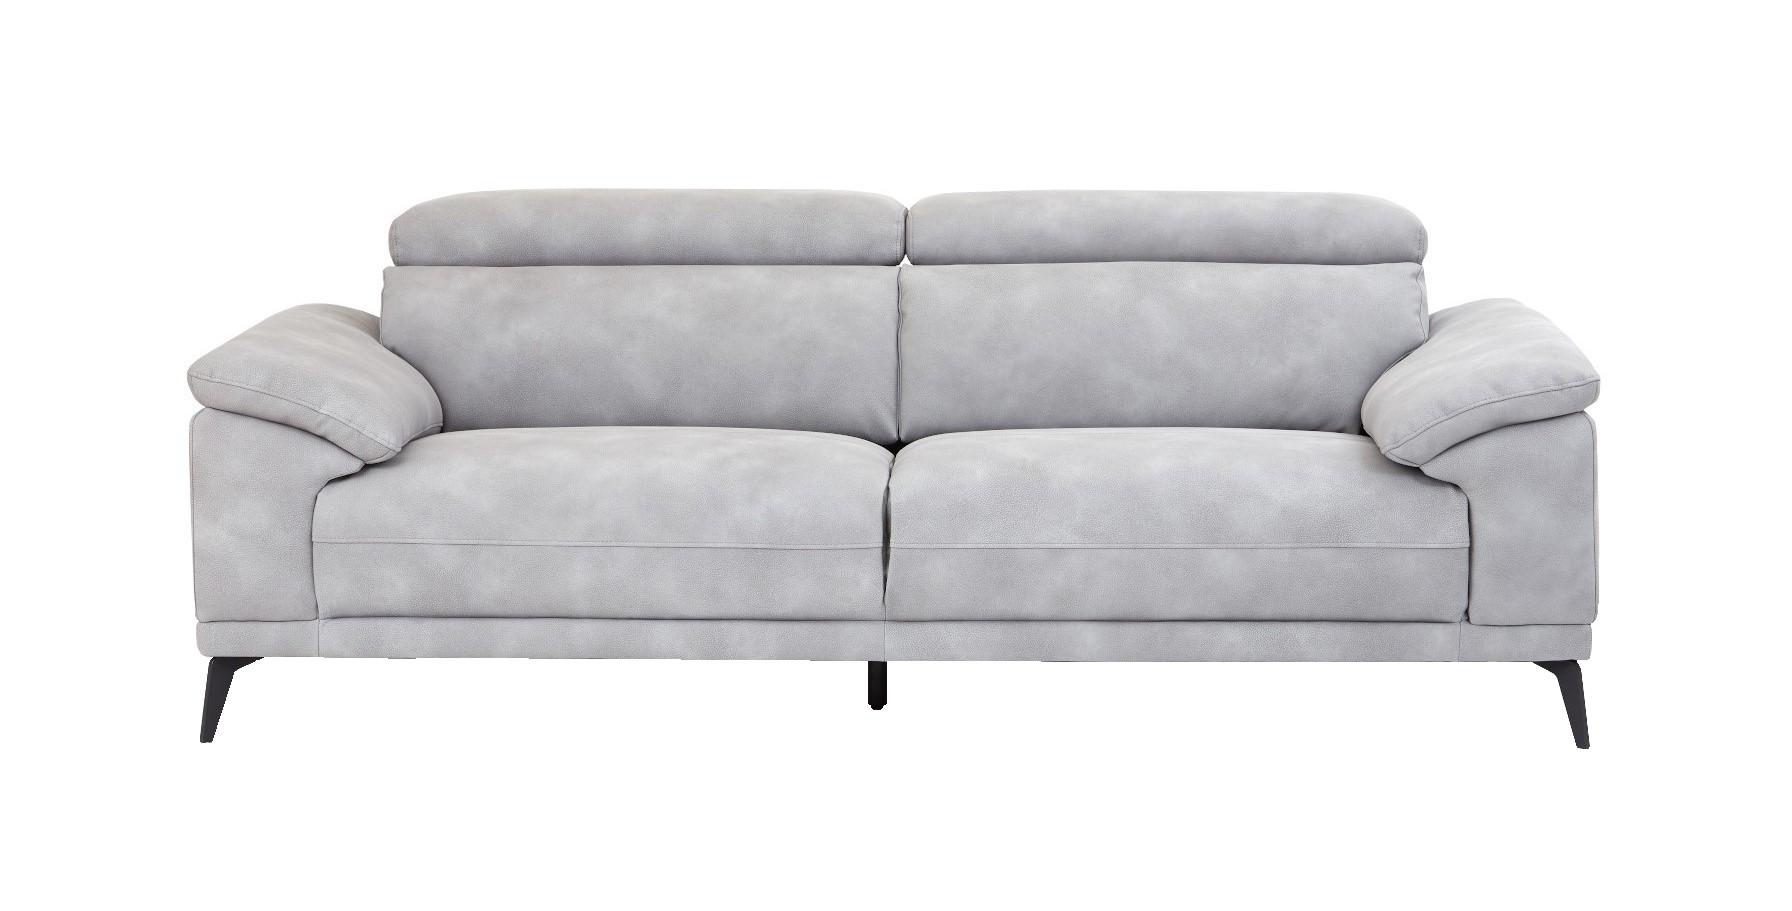 Montero 3 Seater Sofa - Grey